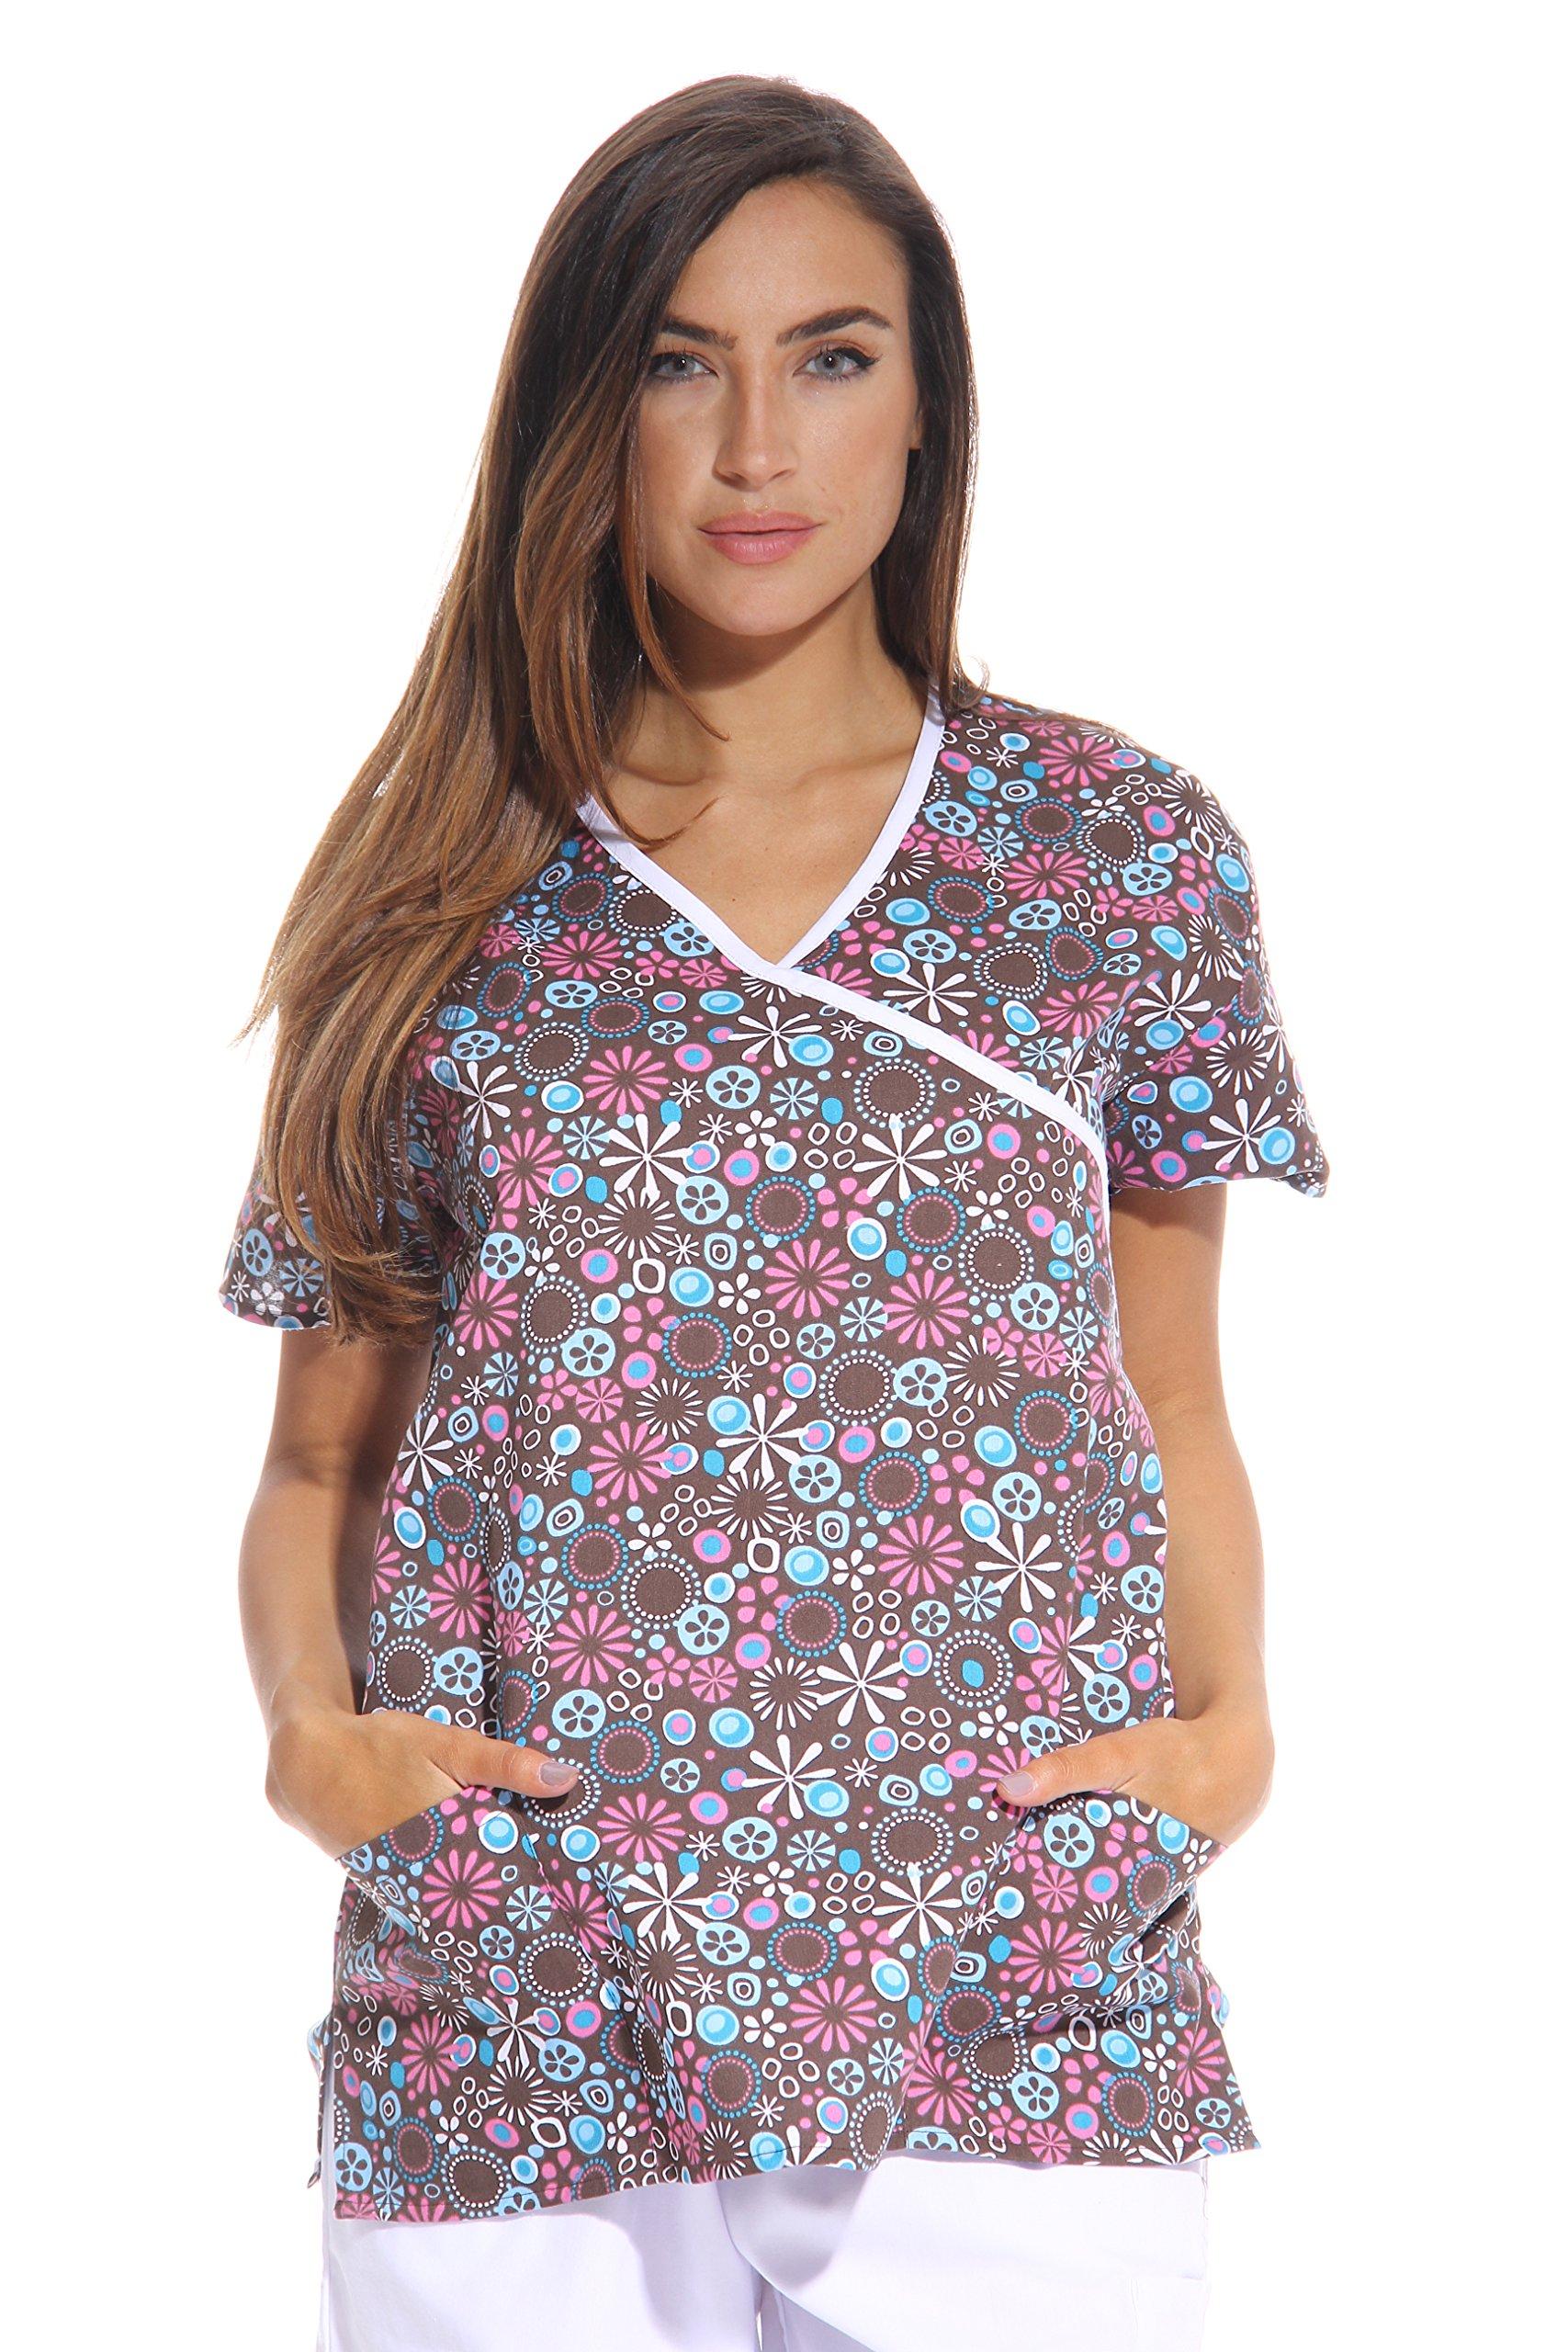 3288a31baa5 Get Quotations · Just Love Women s Scrub Tops Scrubs Nursing Scrubs